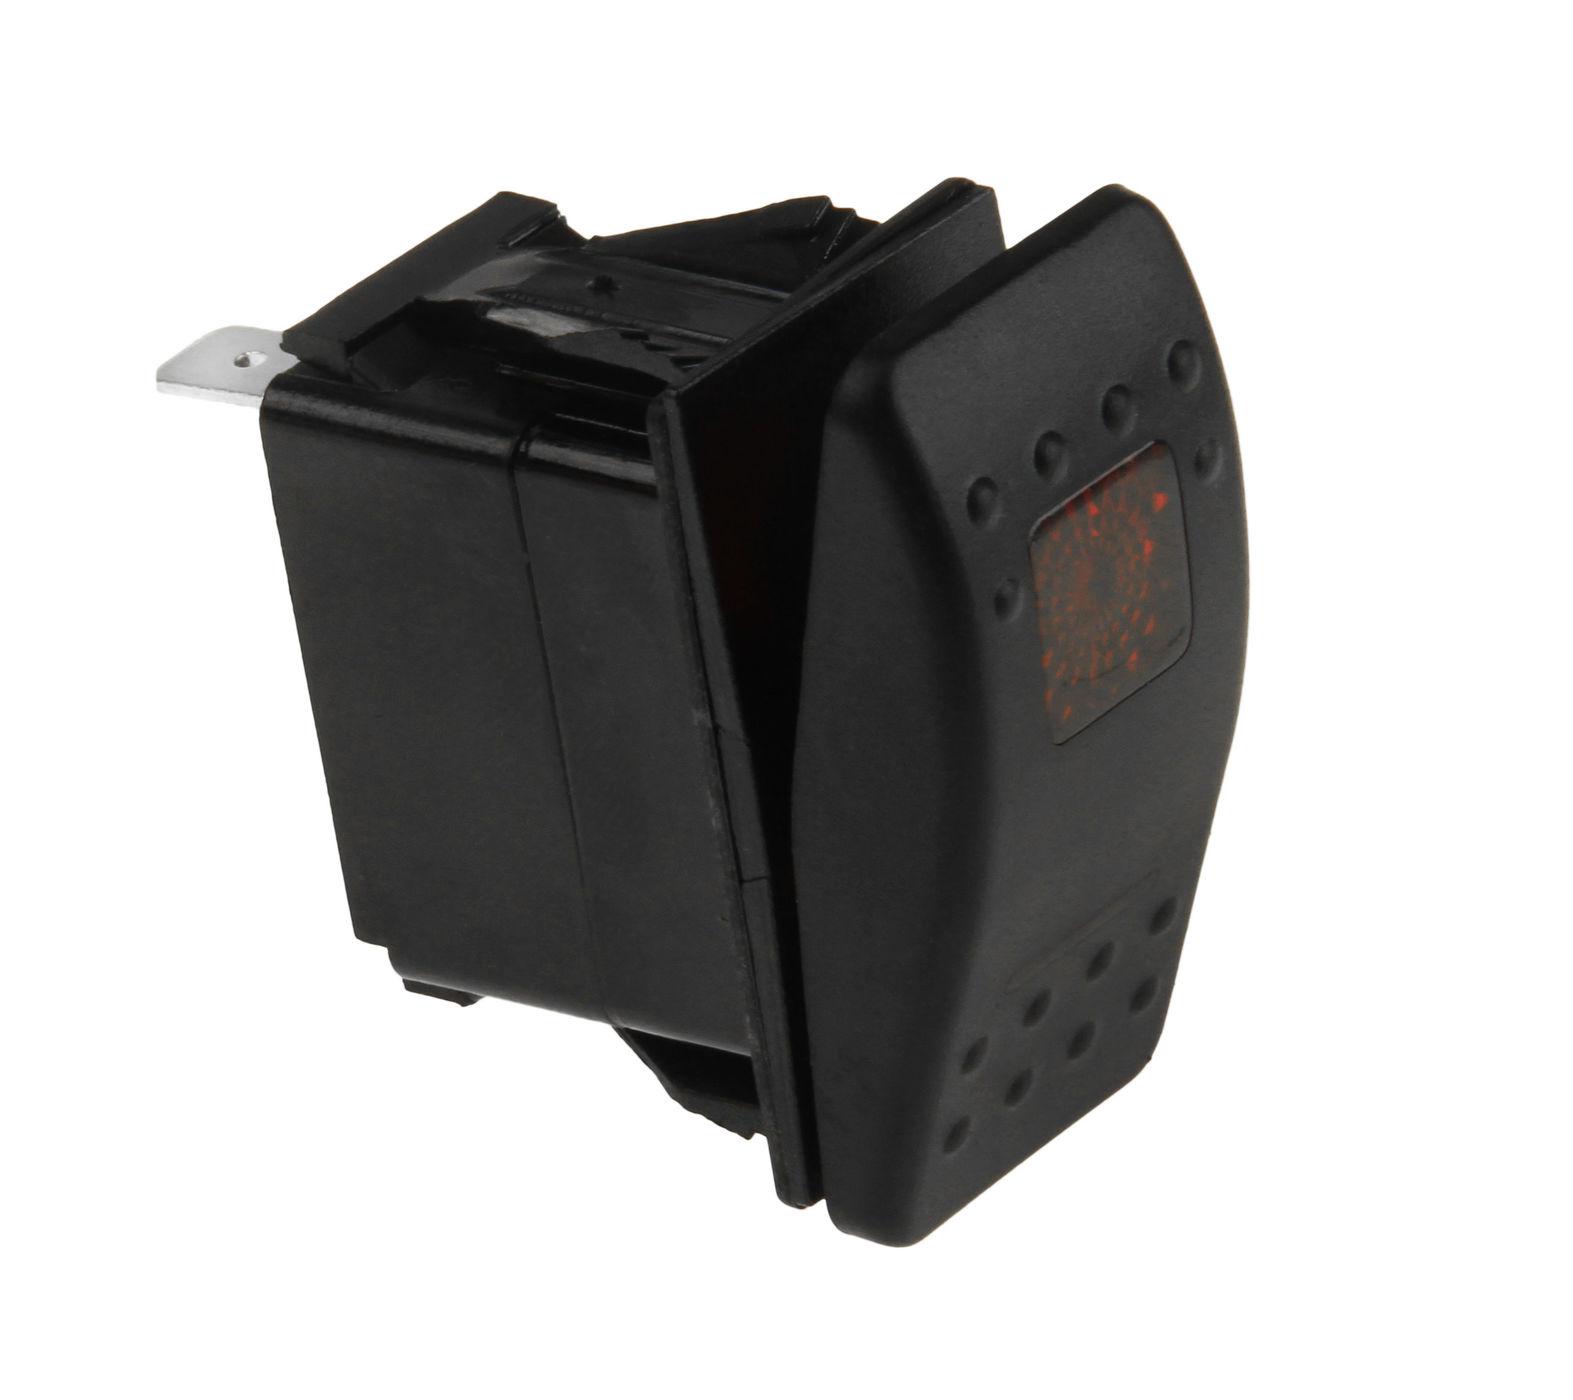 Переключатель трехпозиционный (ON) OFF ON 12В/20А 4Р с подсветкой без фиксации 1 положения AES111883PBM1 Аксессуары для переключателей    АлиЭкспресс